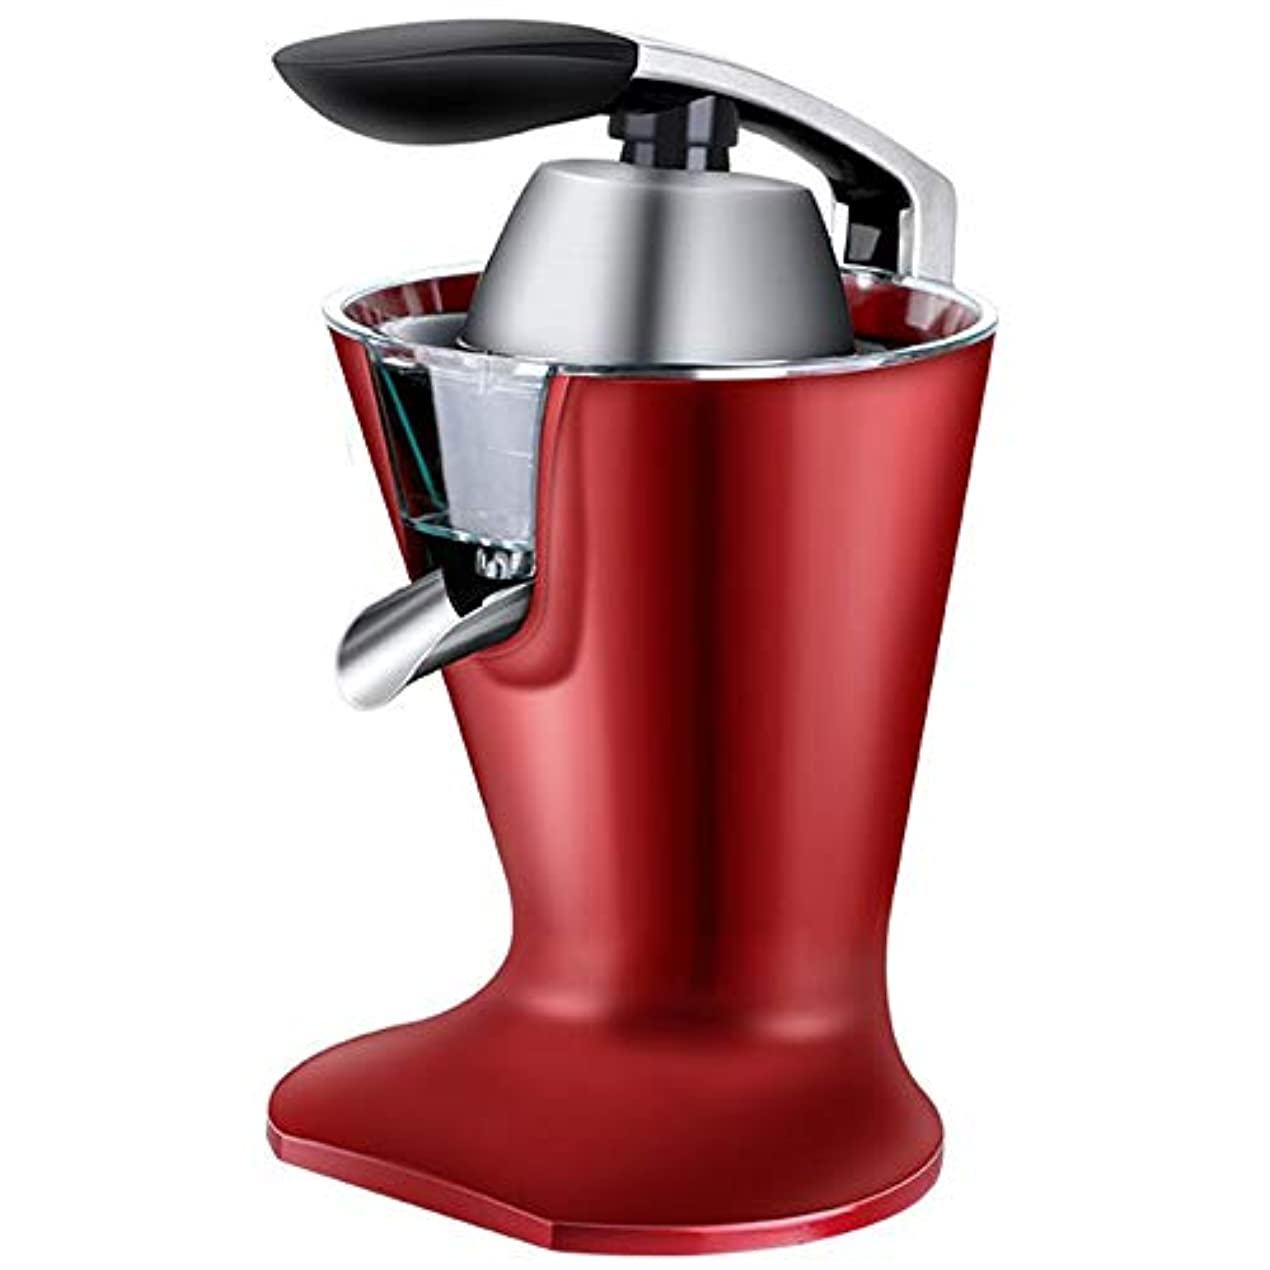 流行している伝統的音声RDJSHOP 電気家庭用ジューサー118ワット電源小さなオレンジレモンジュースマシン取り外し可能で簡単に洗浄簡単な自動ジュースマシン